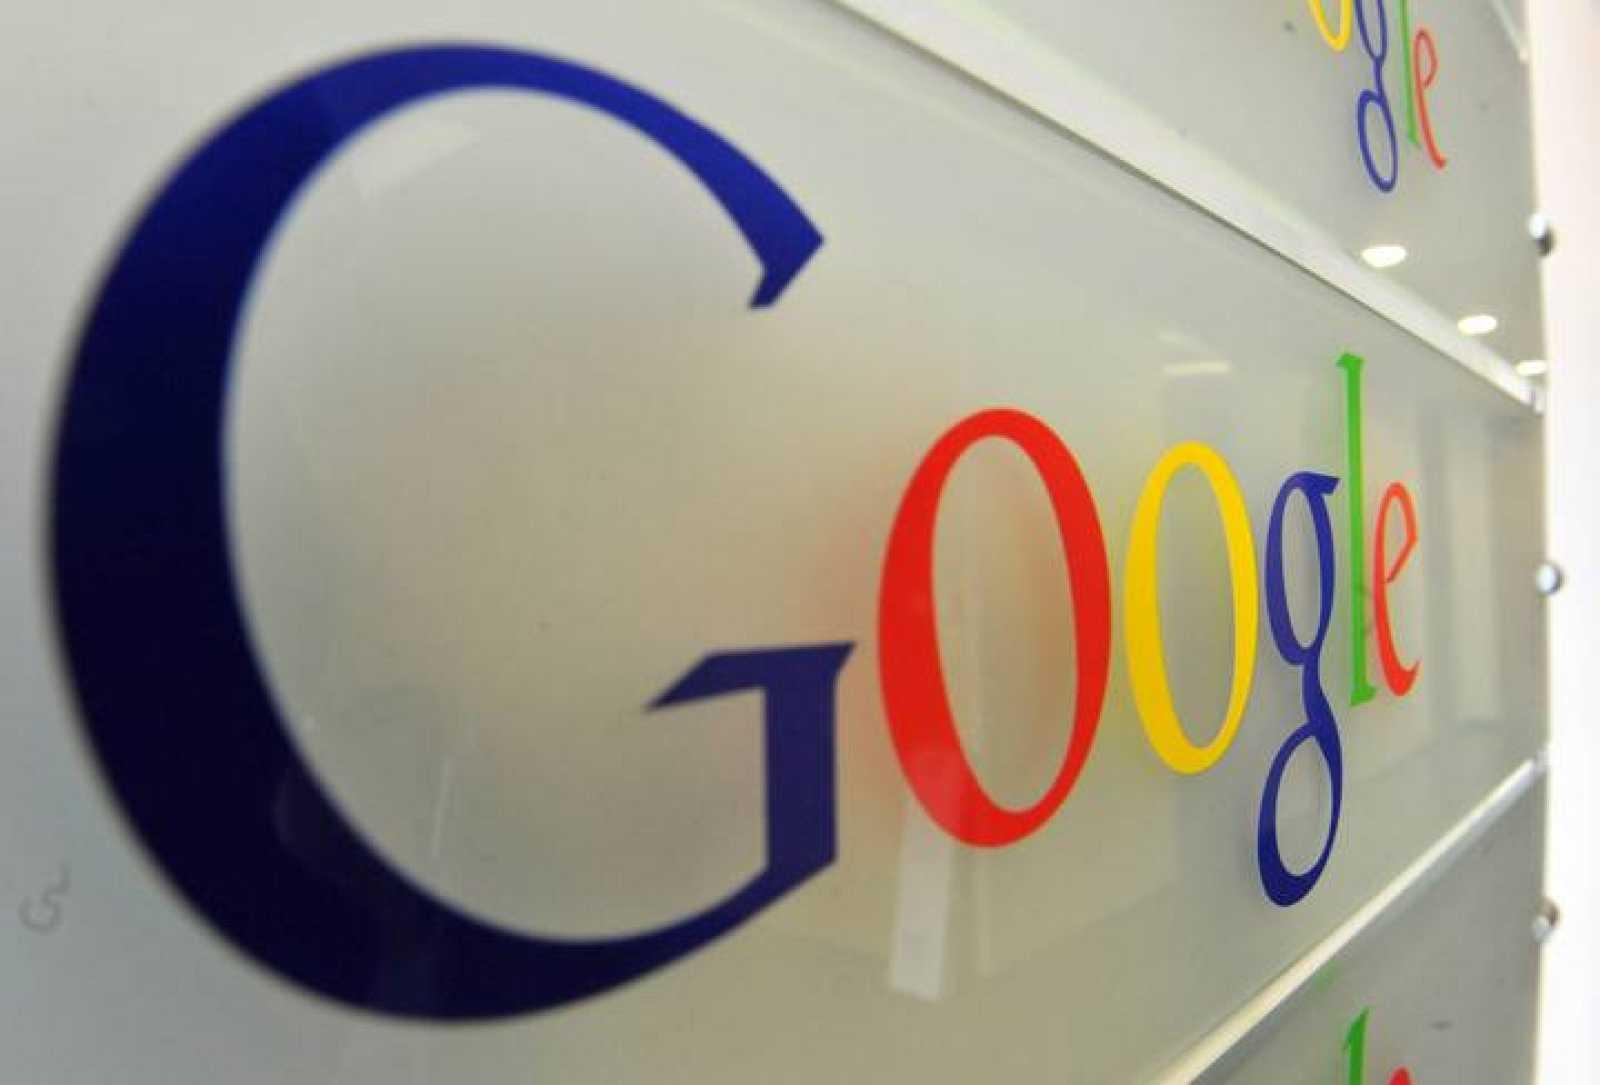 El logotipo de Google en una pared en la entrada de la sede de la empresa en Bruselas.